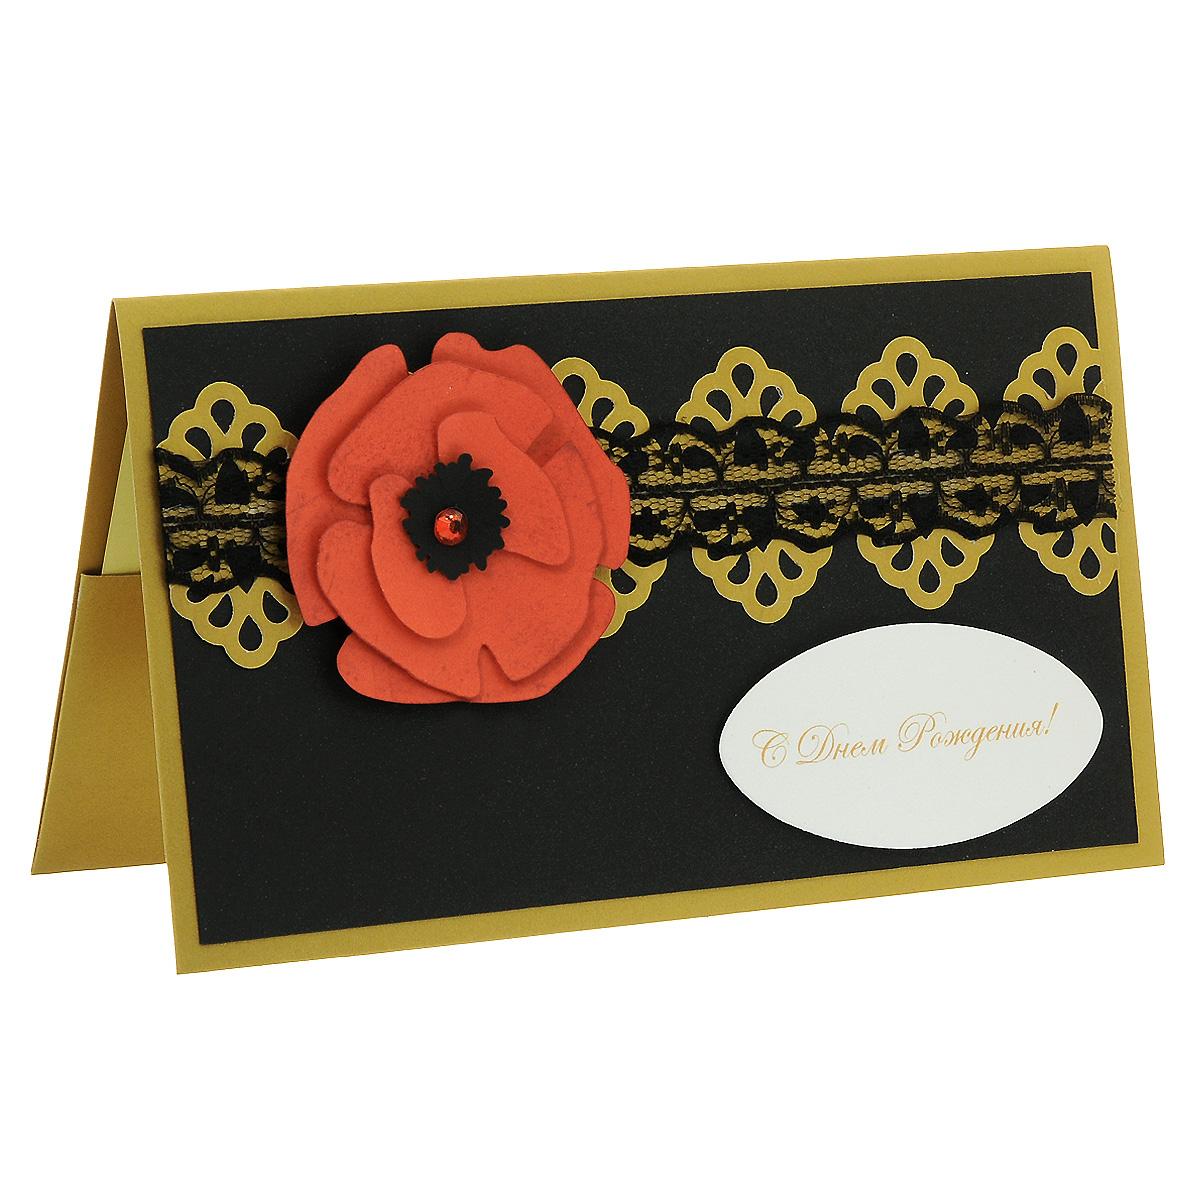 ОЖ-0018 Открытка-конверт «С Днём Рождения!» (алый мак на черном). Студия «Тётя Роза»Винтажные открытки №97Характеристики: Размер 19 см x 11 см. Материал: Высоко-художественный картон, бумага, декор. Данная открытка может стать как прекрасным дополнением к вашему подарку, так и самостоятельным подарком. Так как открытка является и конвертом, в который вы можете вложить ваш денежный подарок или просто написать ваши пожелания на вкладыше. Благородное и очень торжественное сочетание черных, красных и золотых цветов придает этой открытке изысканный стиль. Стилизованный цветок мака вырезан и затонирован вручную. В декоре использовано черное капроновое кружево и блестящий стразик. Также открытка упакована в пакетик для сохранности. Обращаем Ваше внимание на то, что открытка может незначительно отличаться от представленной на фото.